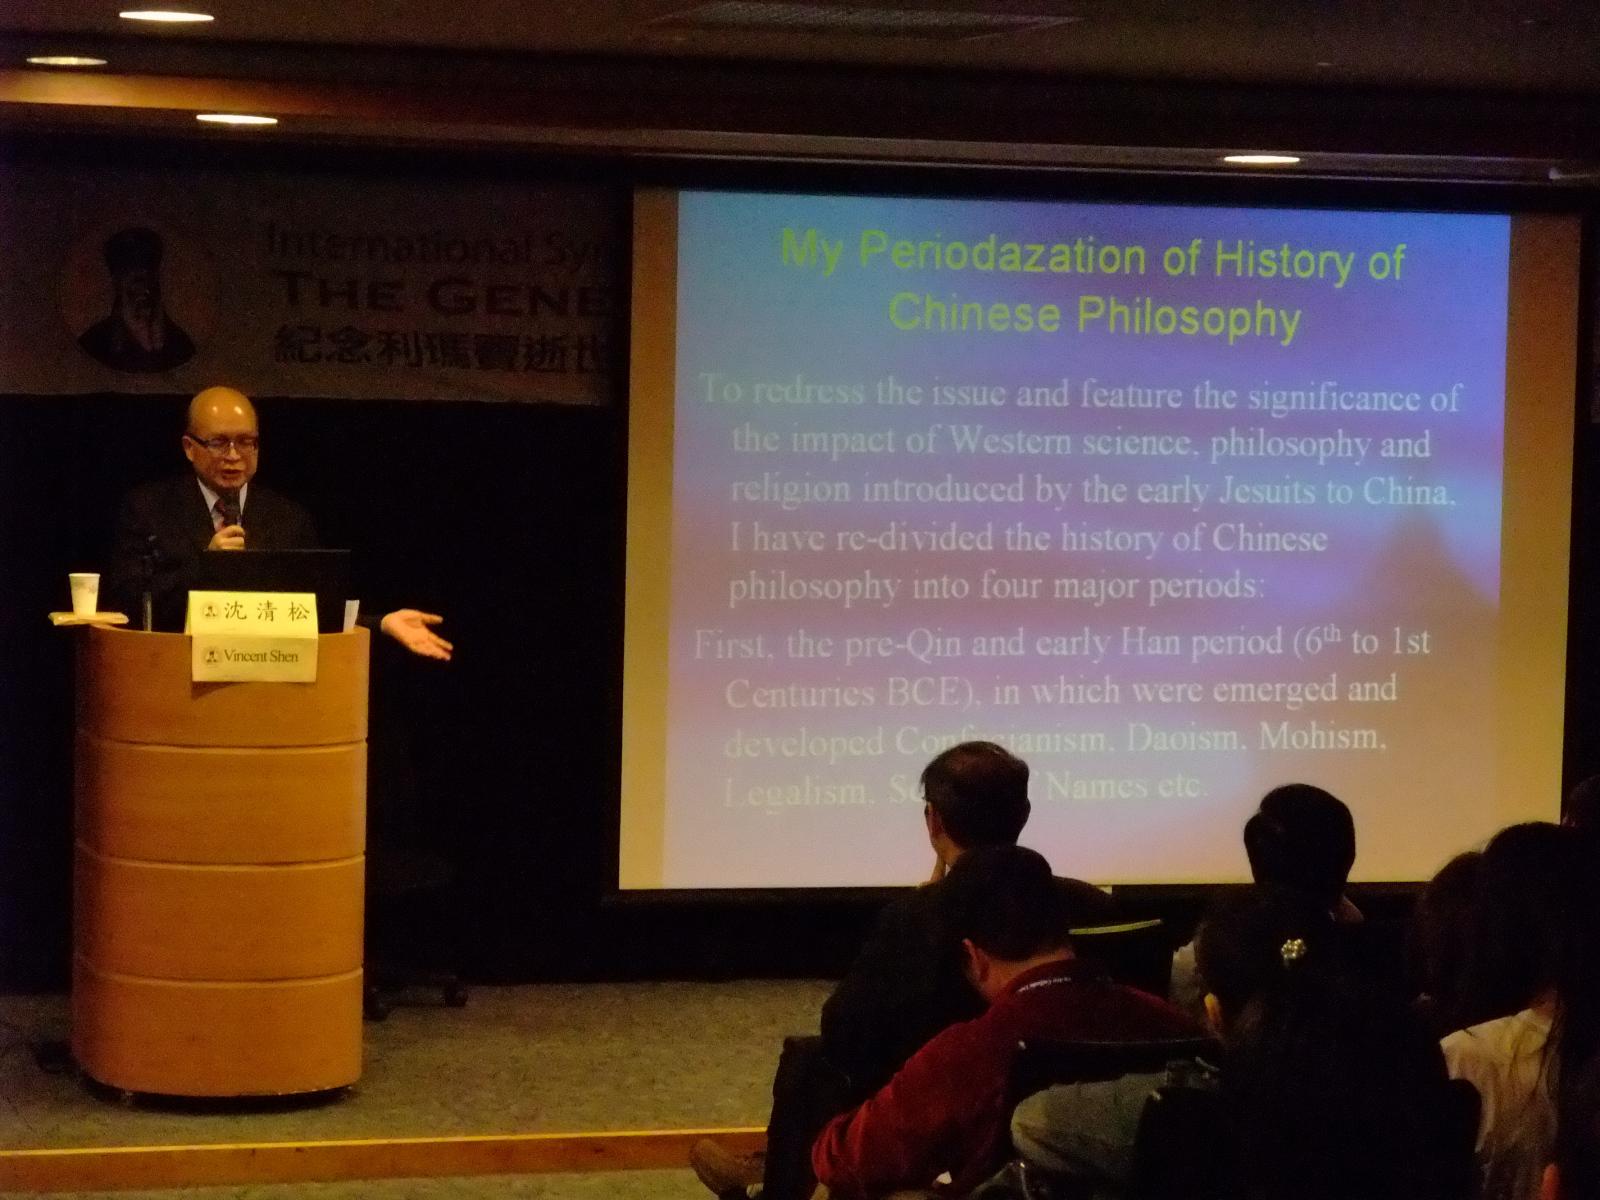 201004紀念利瑪竇逝世四百週年國際學術研討會-9